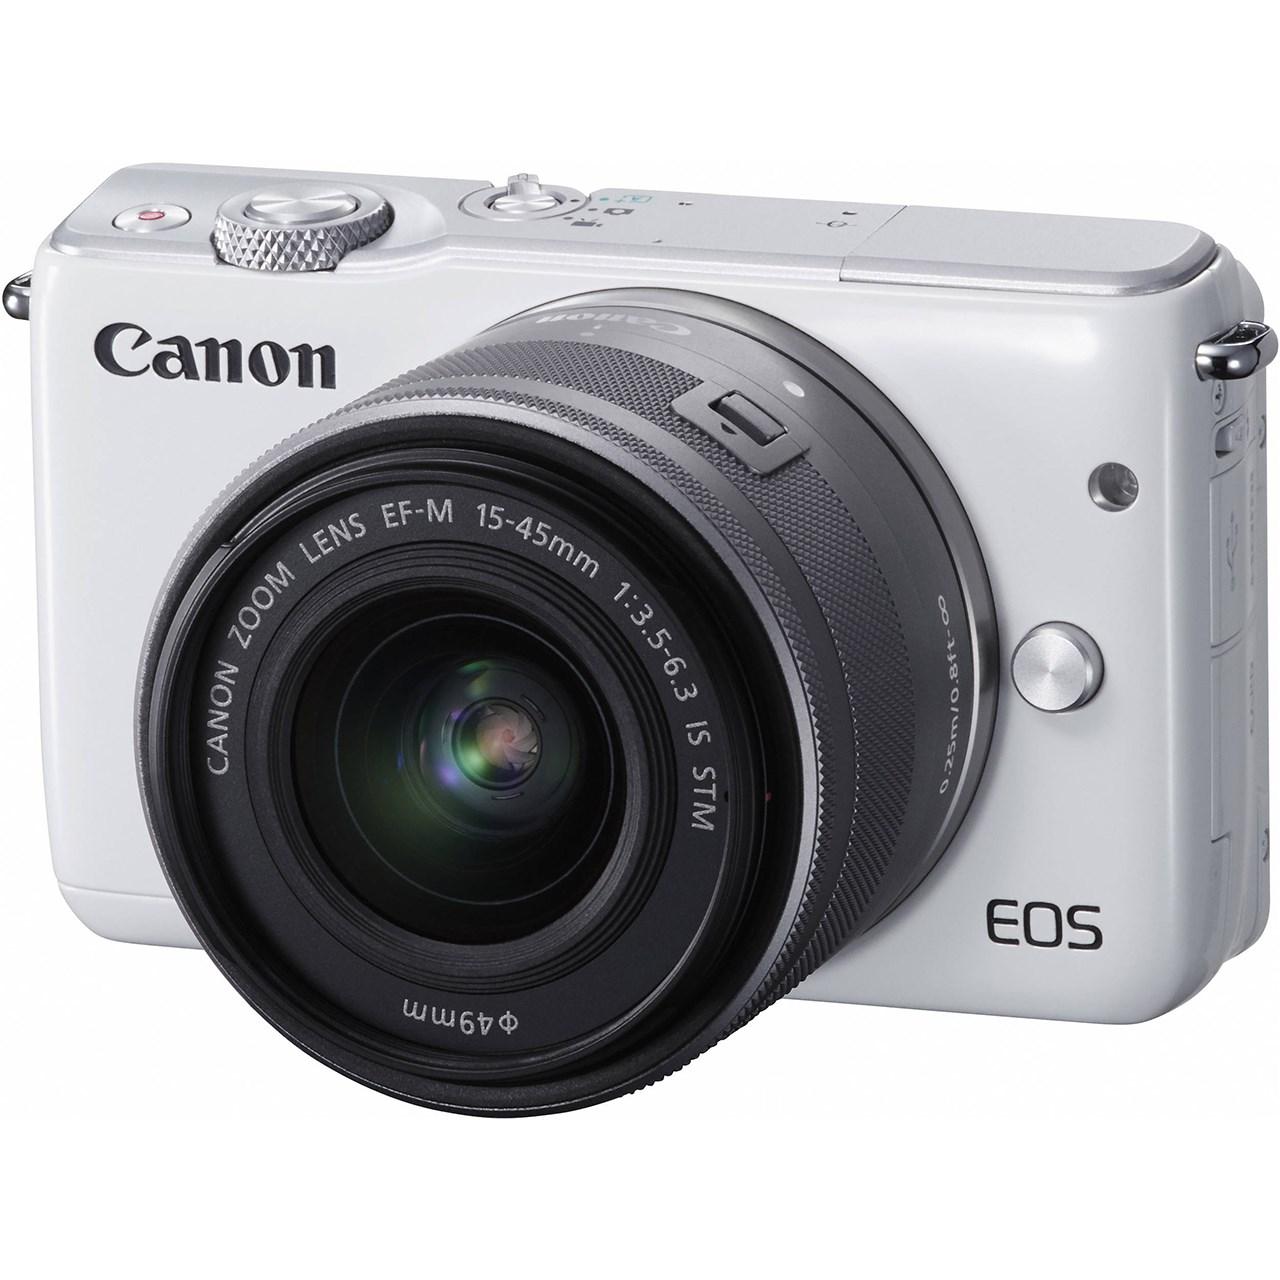 دوربين ديجيتال بدون آينه کانن مدل Canon EOS M10 Mirrorless Digital Camera With 15-45mm Lens